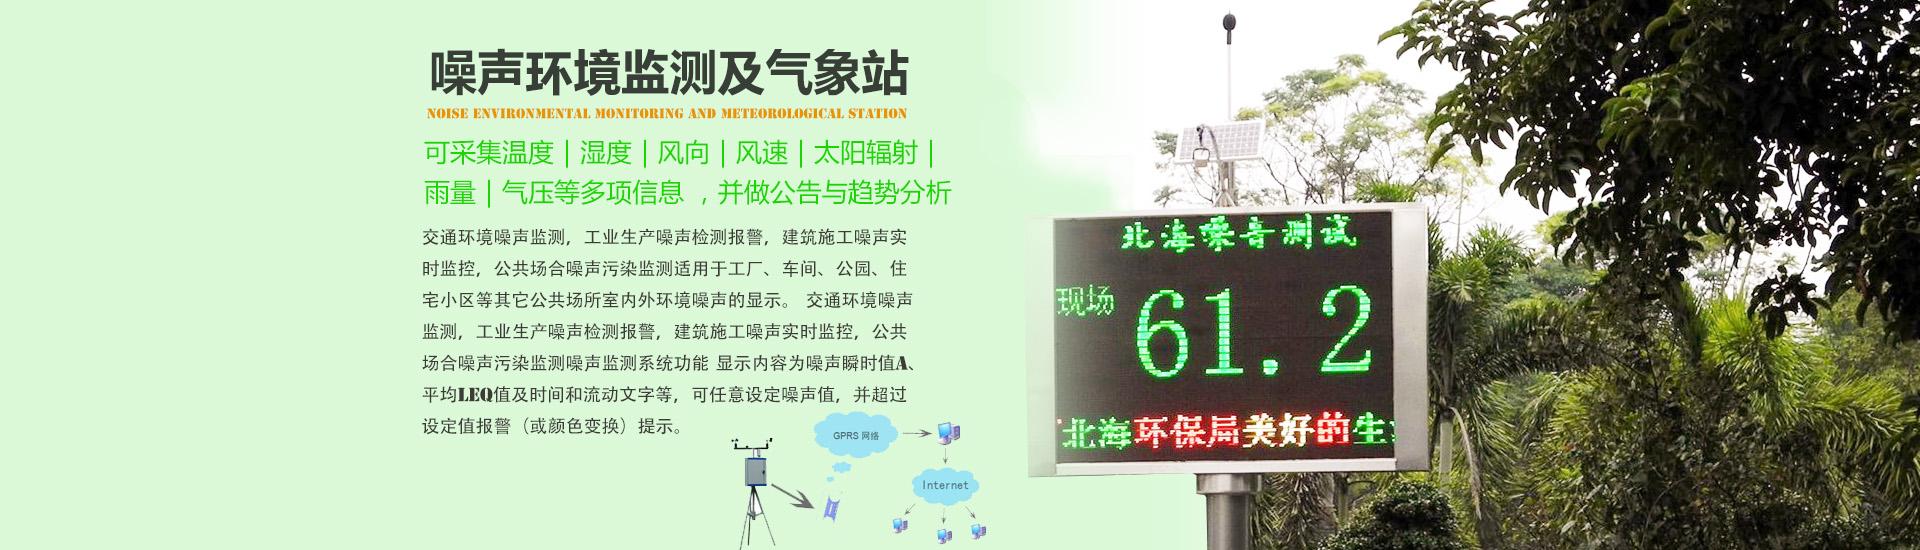 深圳市奥斯恩净化技术千赢官方下载形象图